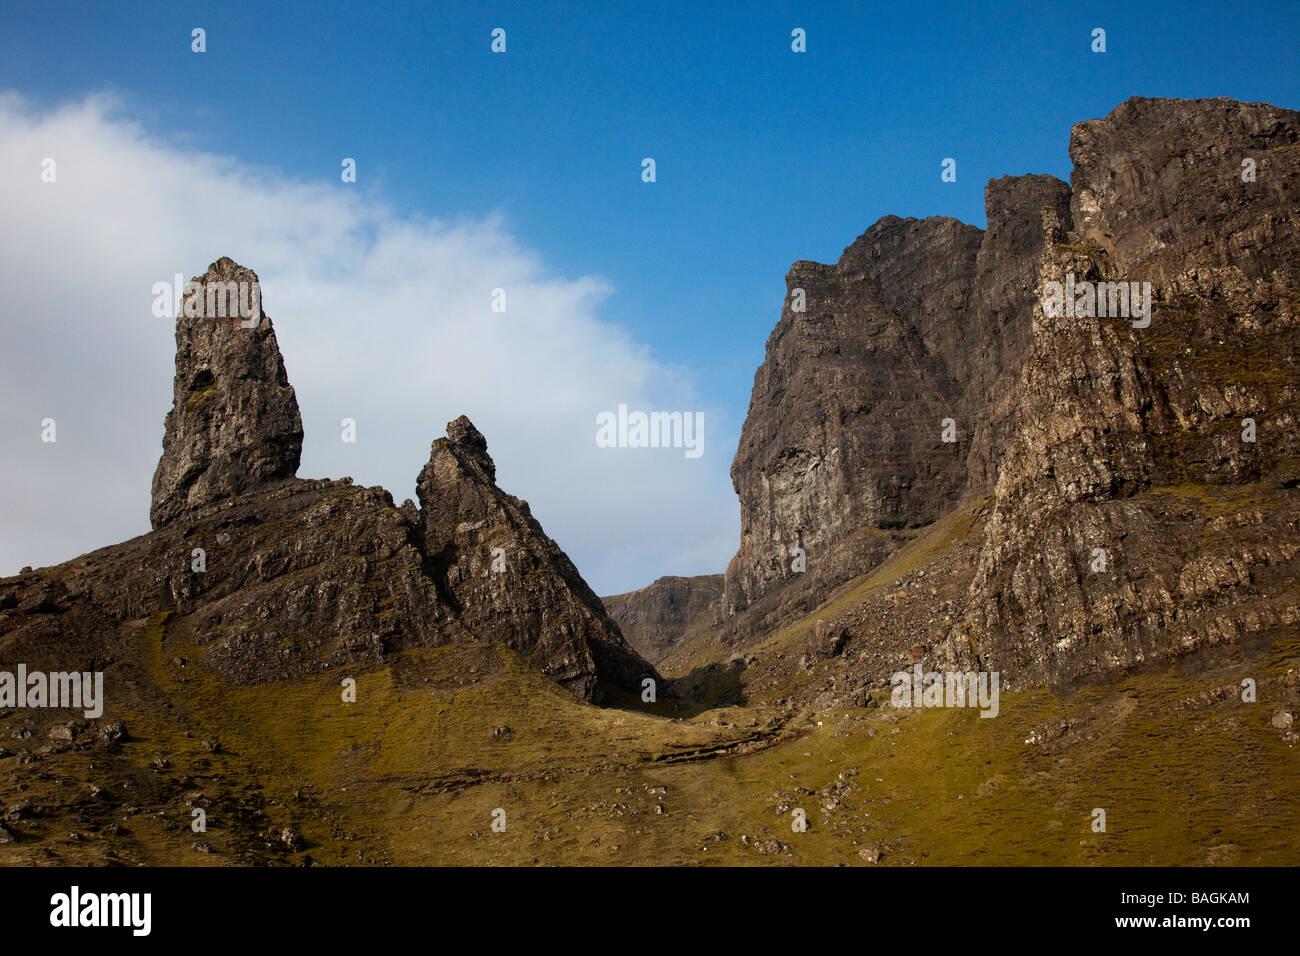 The Old Man of Storr, Trotternish peninsula of the Isle of Skye, Scotland, UK - Stock Image